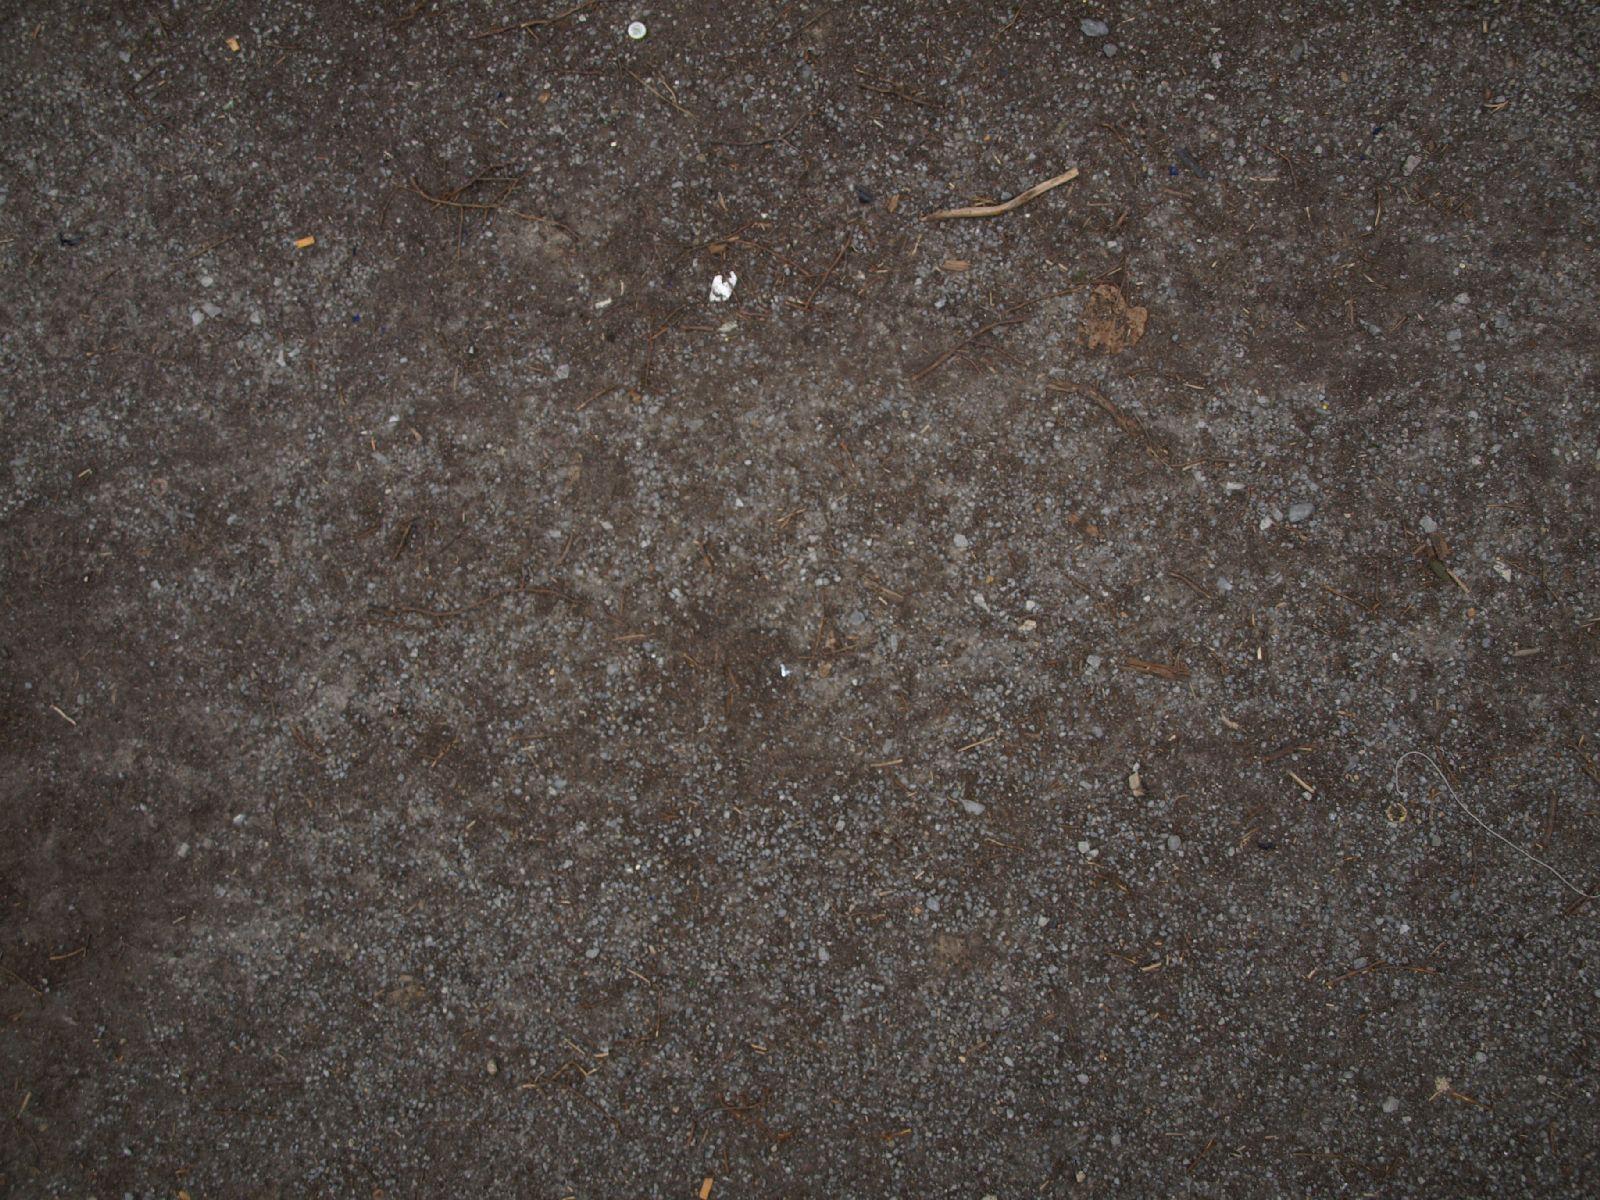 Boden-Erde-Steine_Textur_A_P4120997